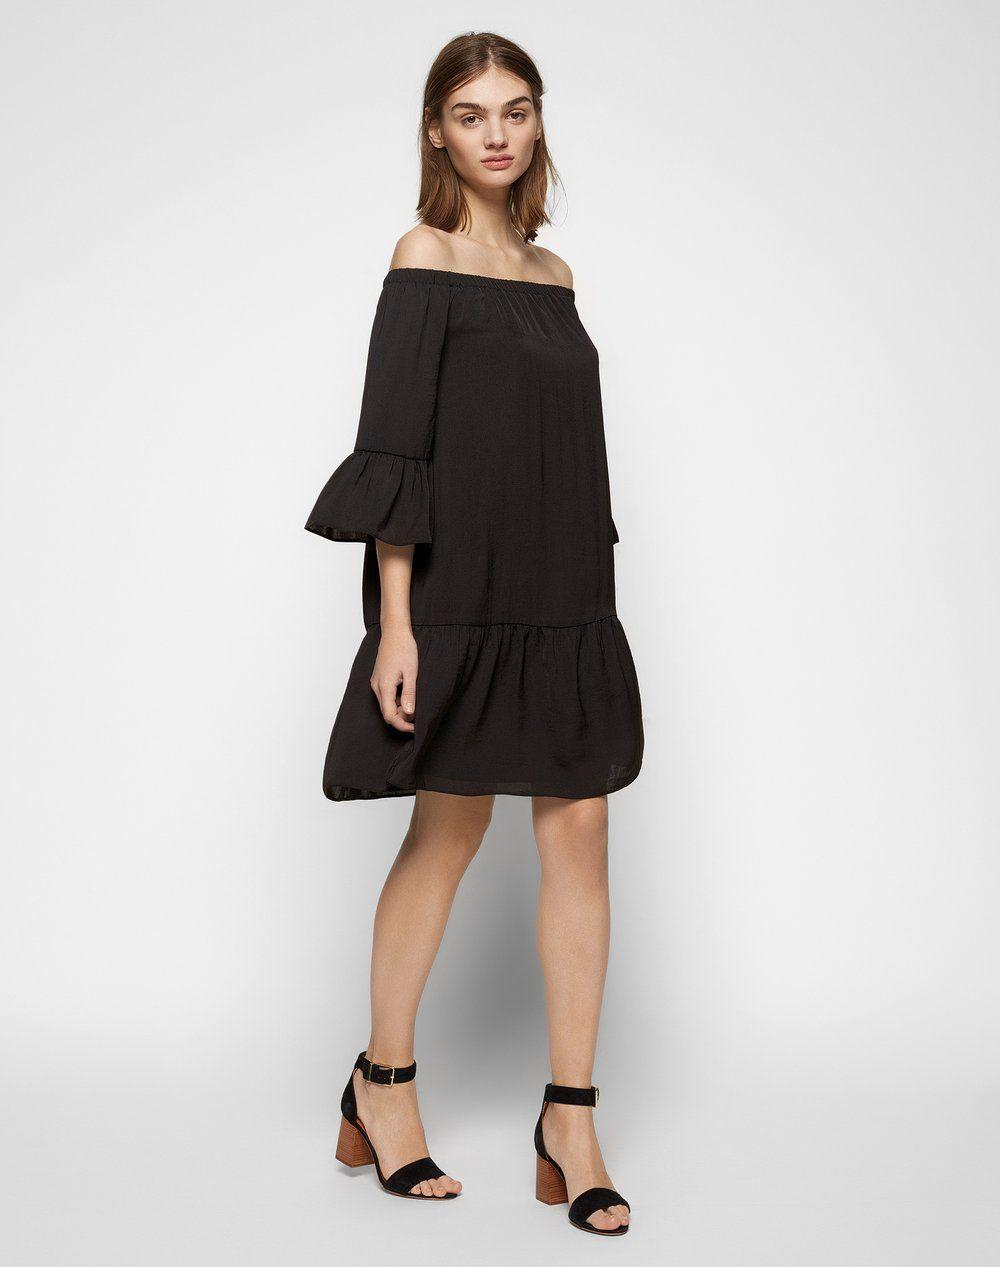 Schwarzes kleid mit carmenaubchnitt